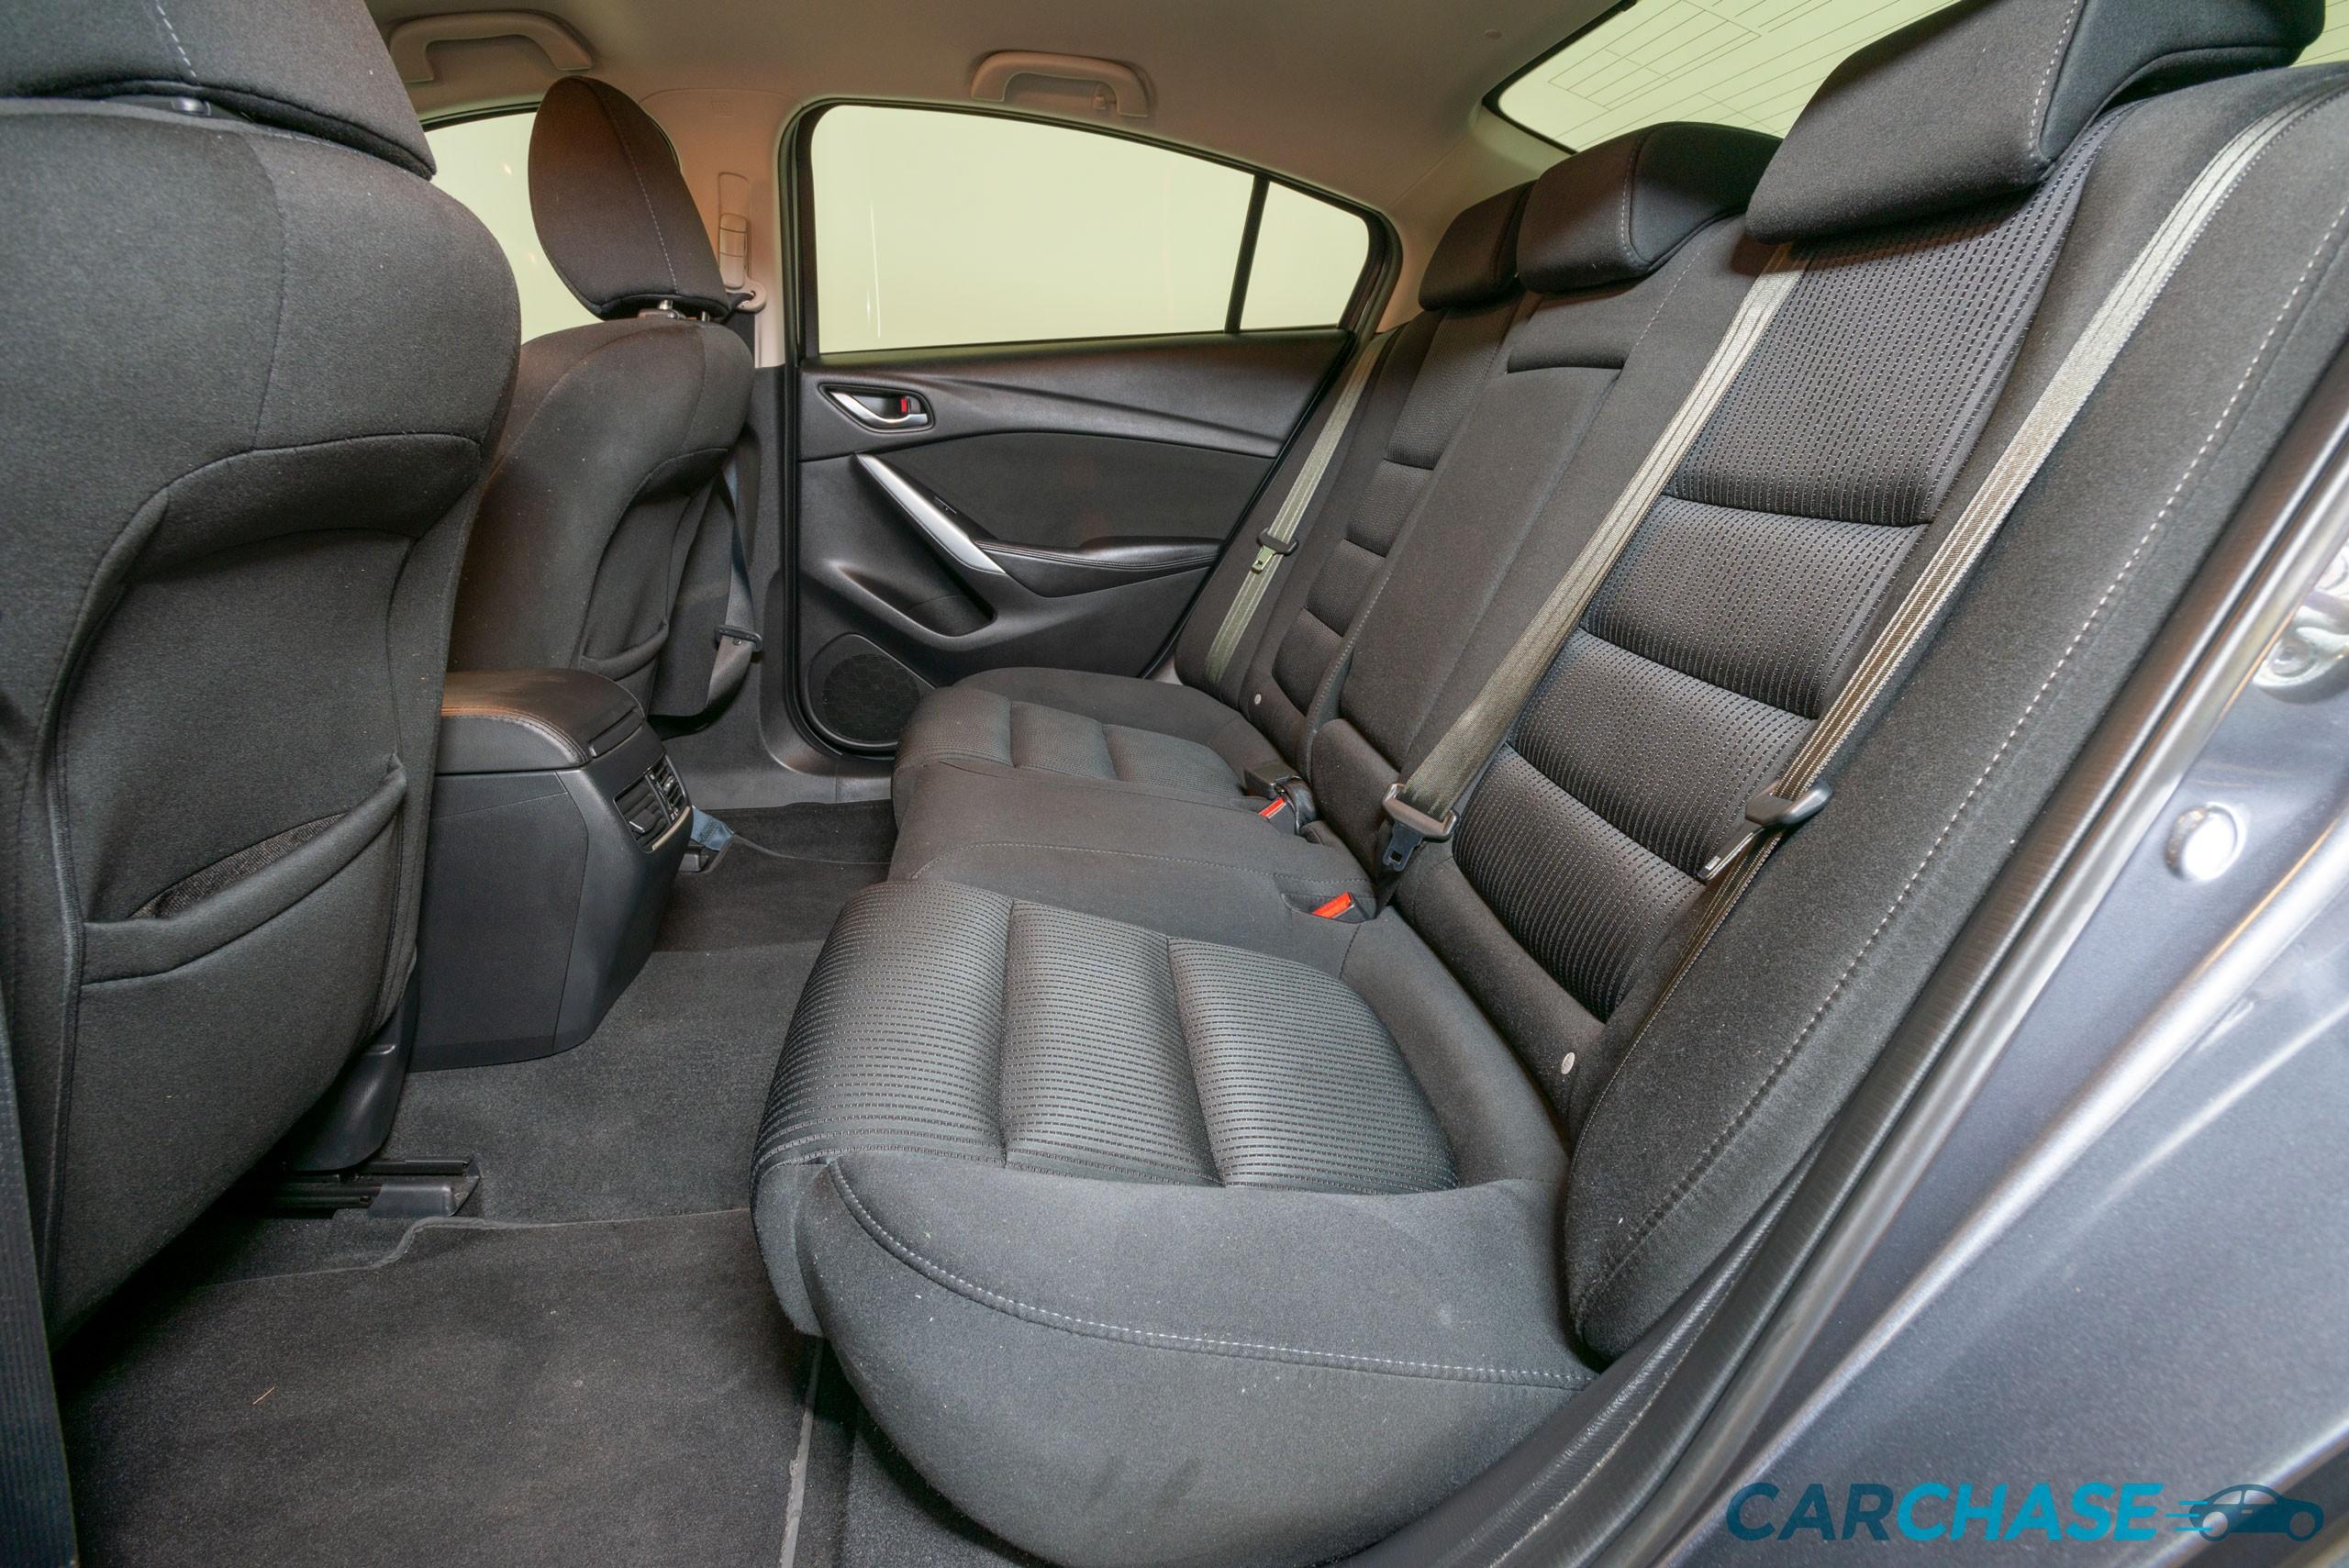 Image 10/10 of 2013 Mazda 6 GJ